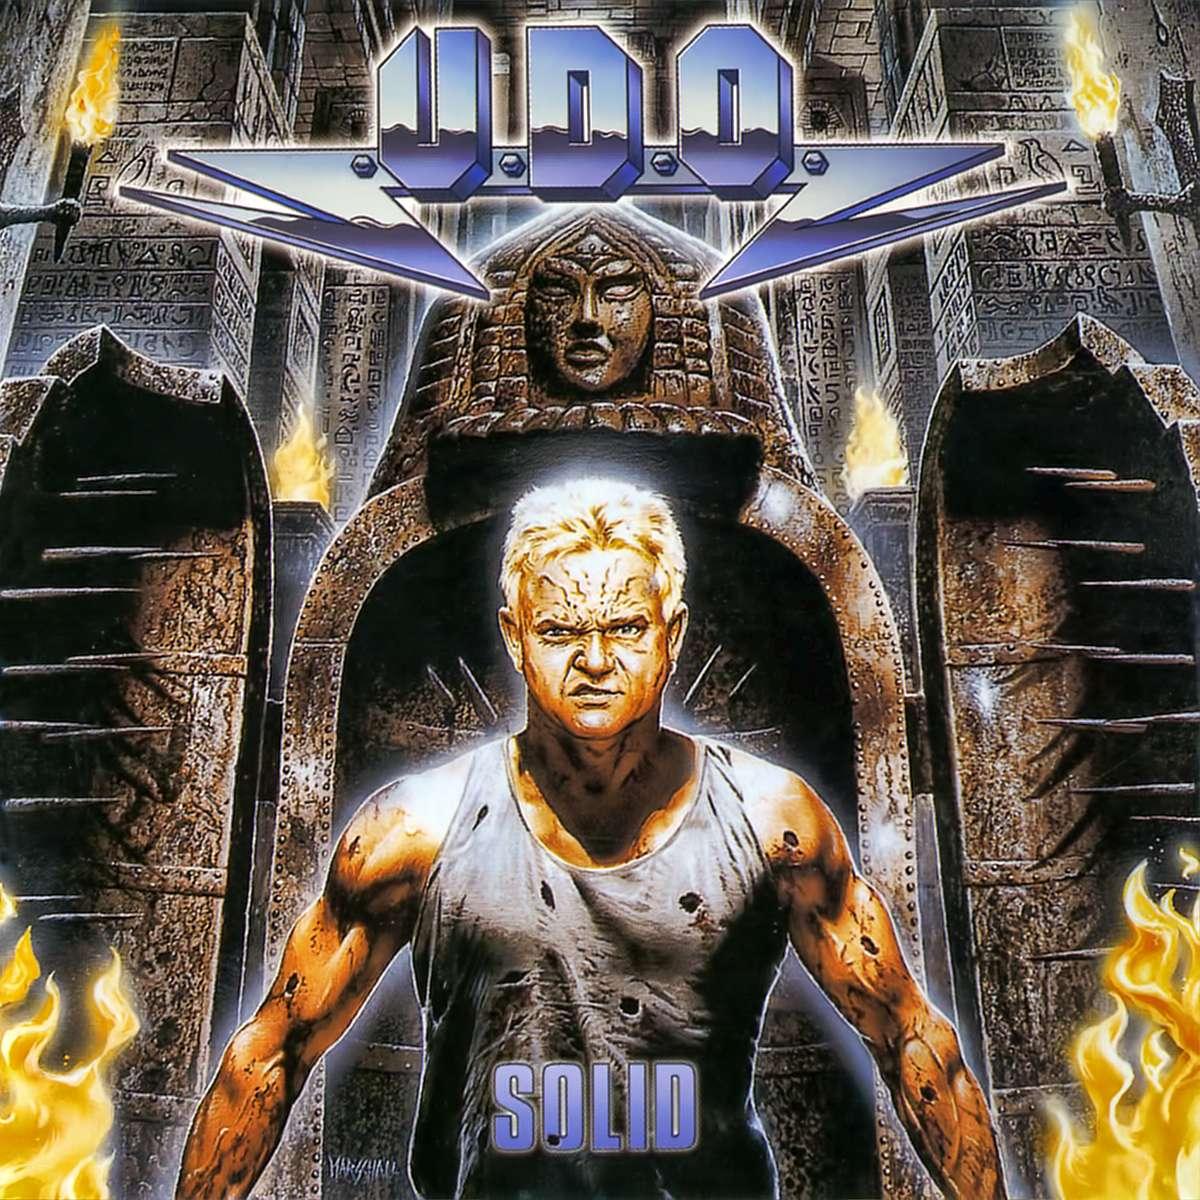 U.D.O. — Solid (1997)